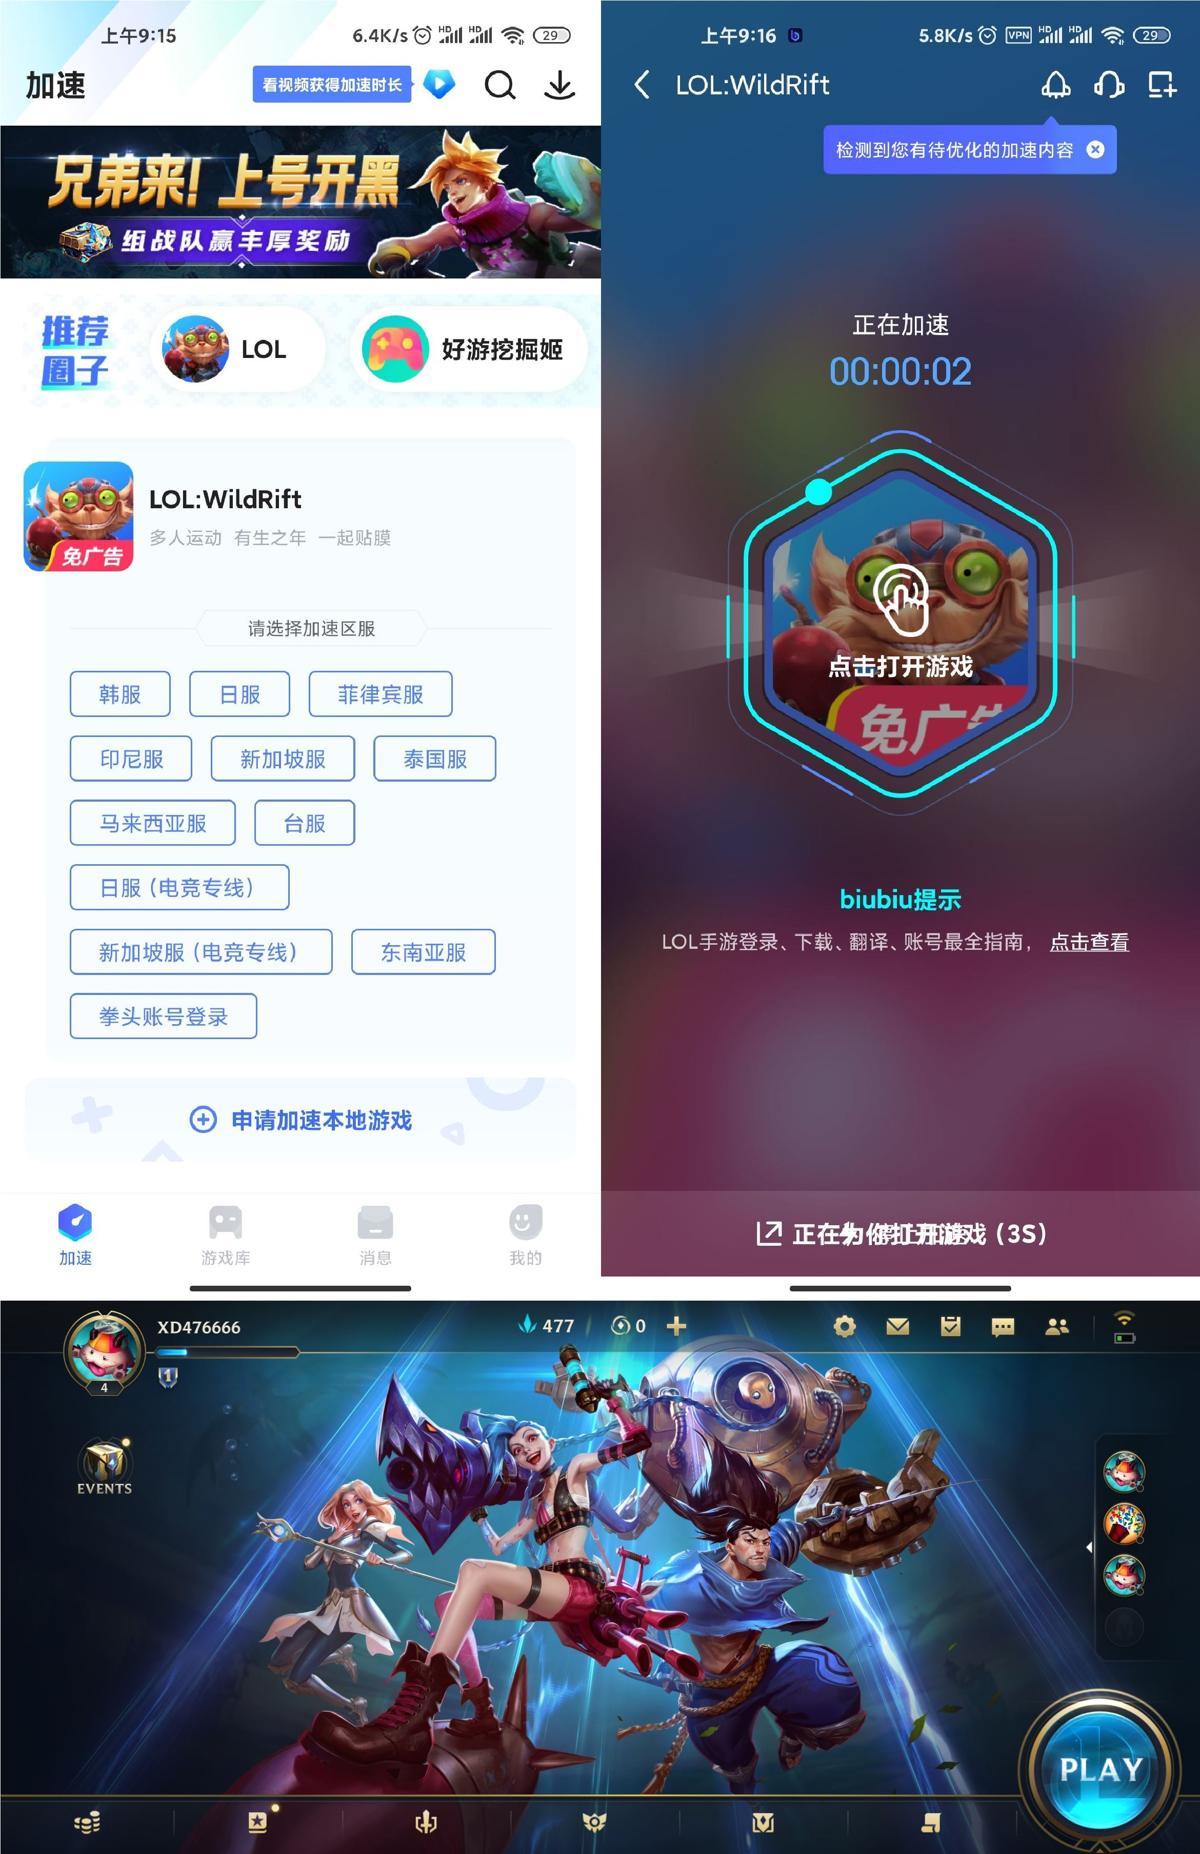 安卓BiuBiu游戏加速V3.15.0版本